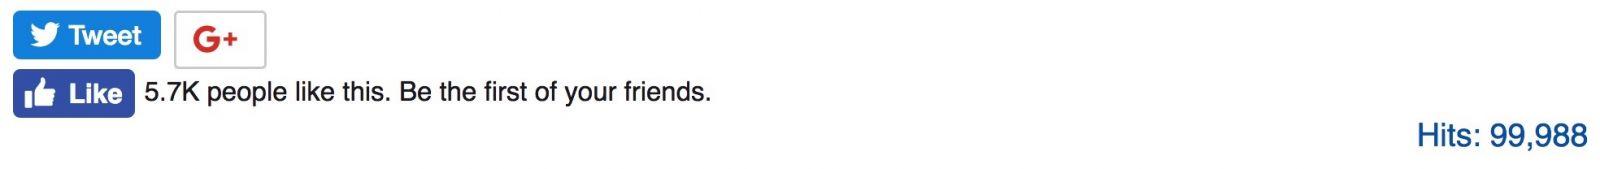 Дэвид Уилкок - Потрясающие новые брифинги: Массовые обвинения, целевые аресты и Раскрытие Часть I, раздел 2 387_2